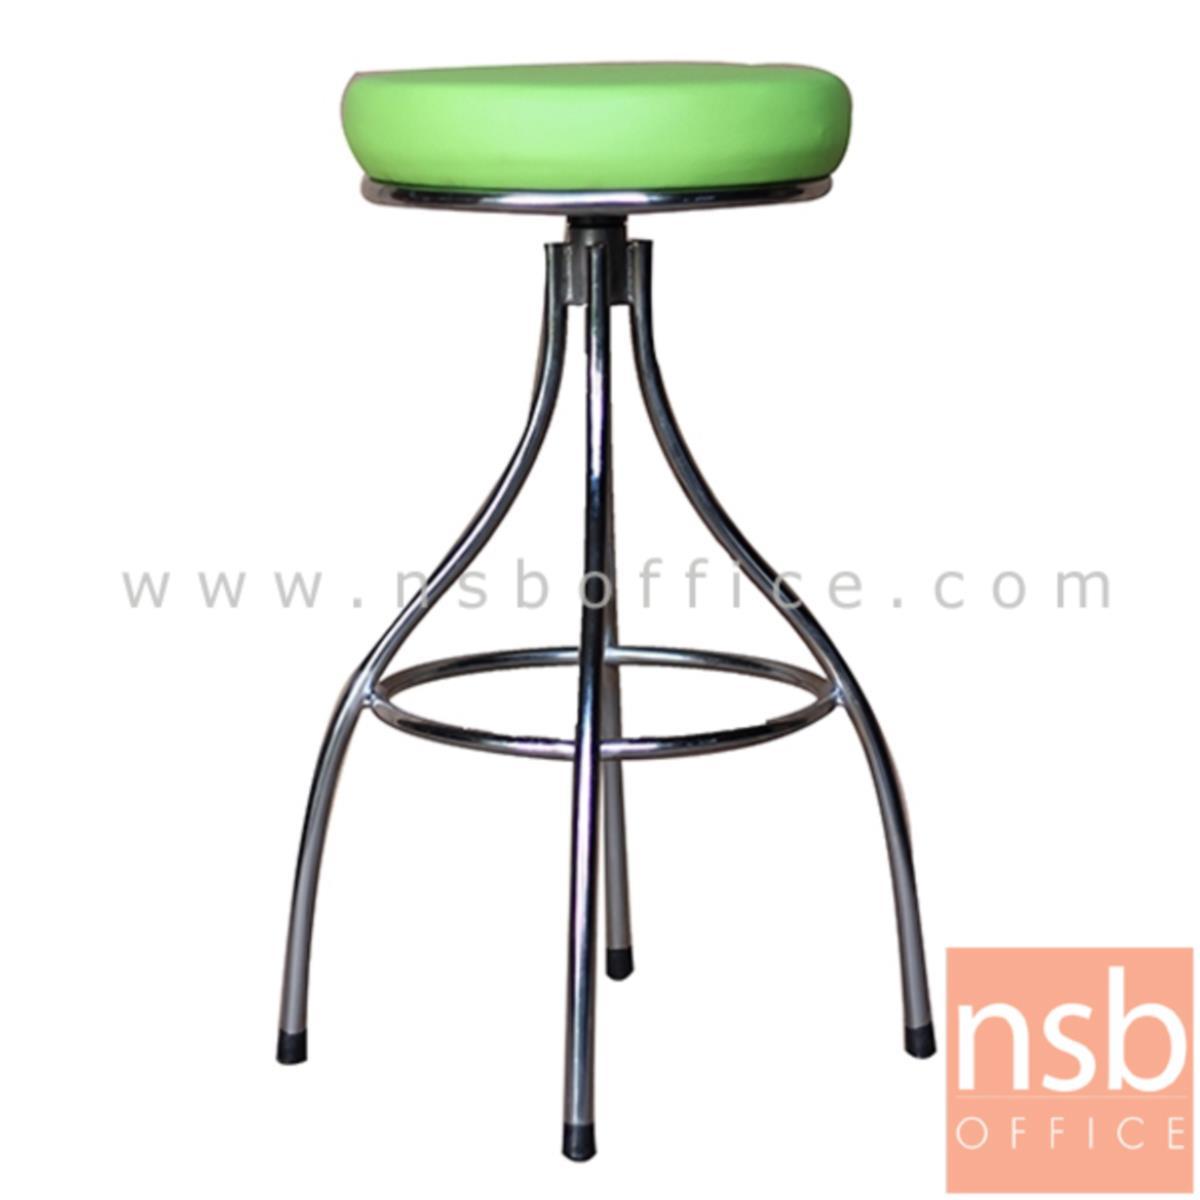 B09A072:เก้าอี้บาร์สตูลที่นั่งกลม รุ่น Silver (ซิลเวอร์)  ขาทรงถ้วยชุบโครเมี่ยม